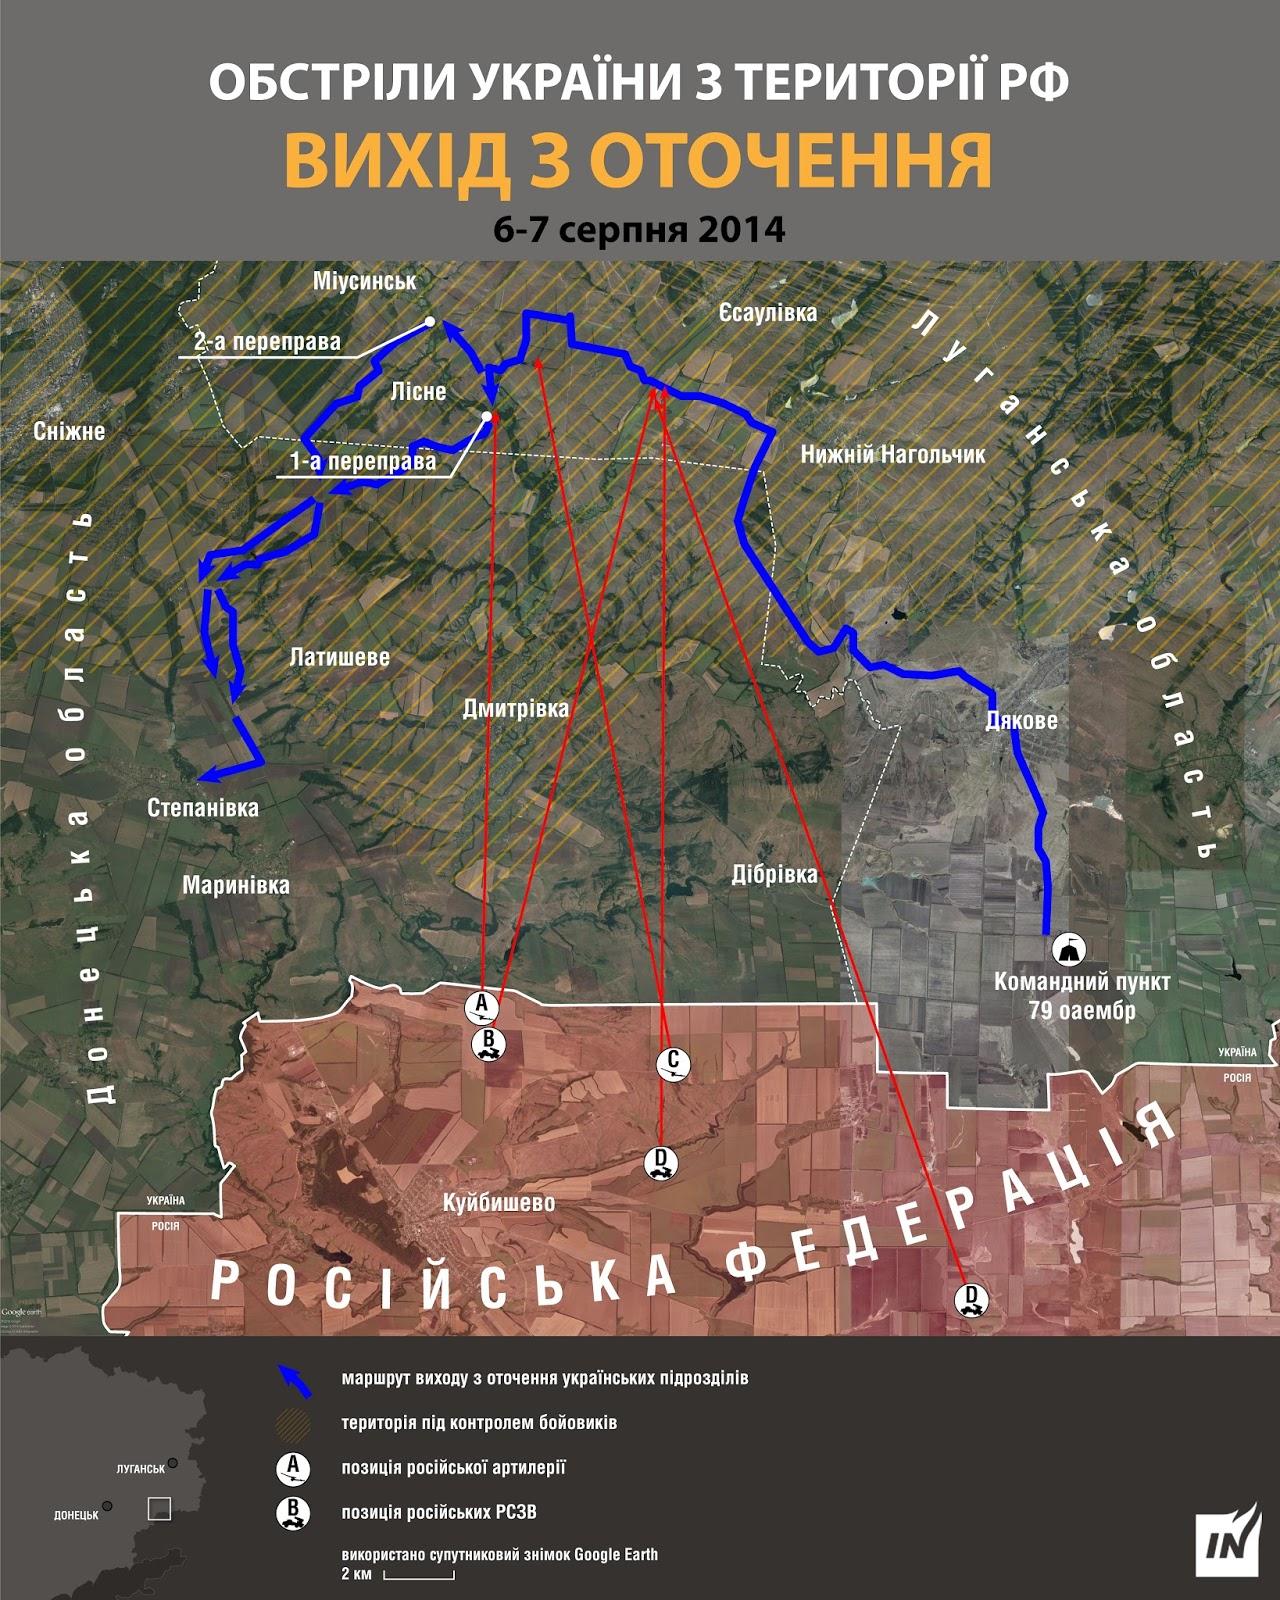 Обстріли України з території РФ у серпні 2014